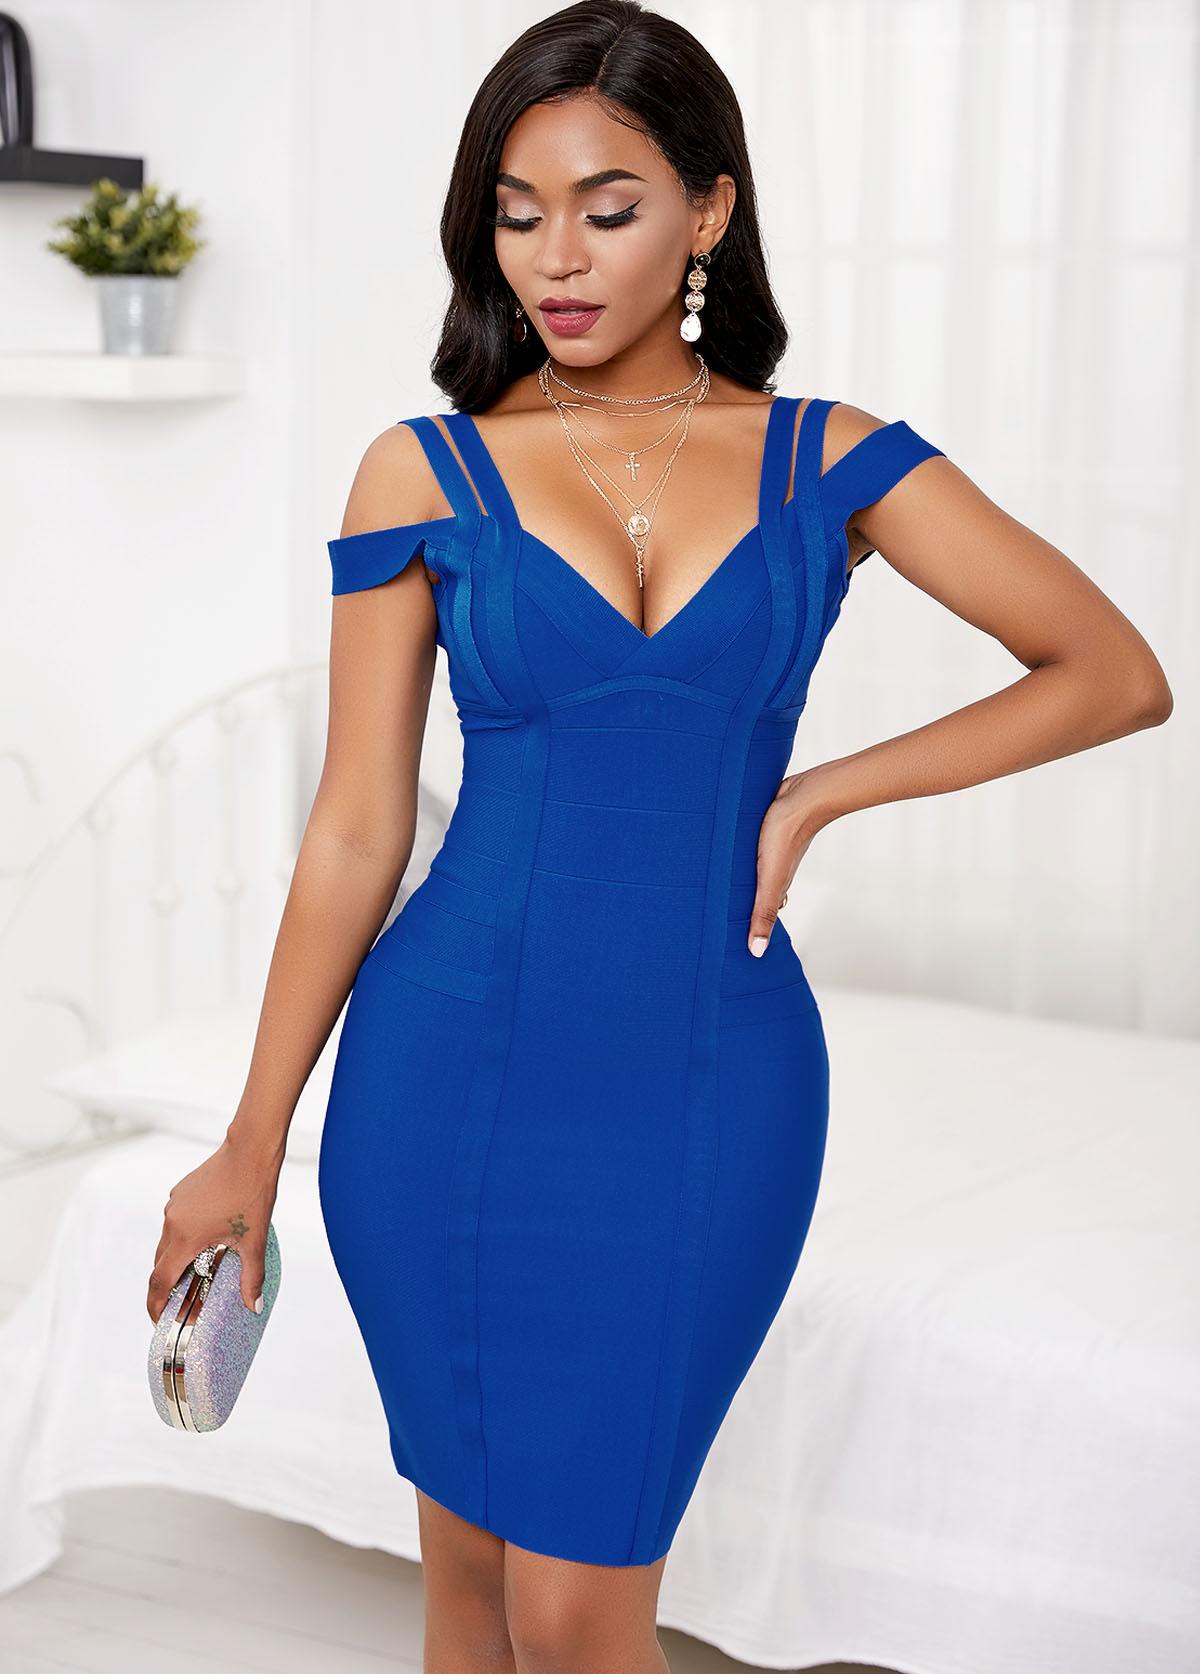 Strappy Shoulder Royal Blue Bandage Dress